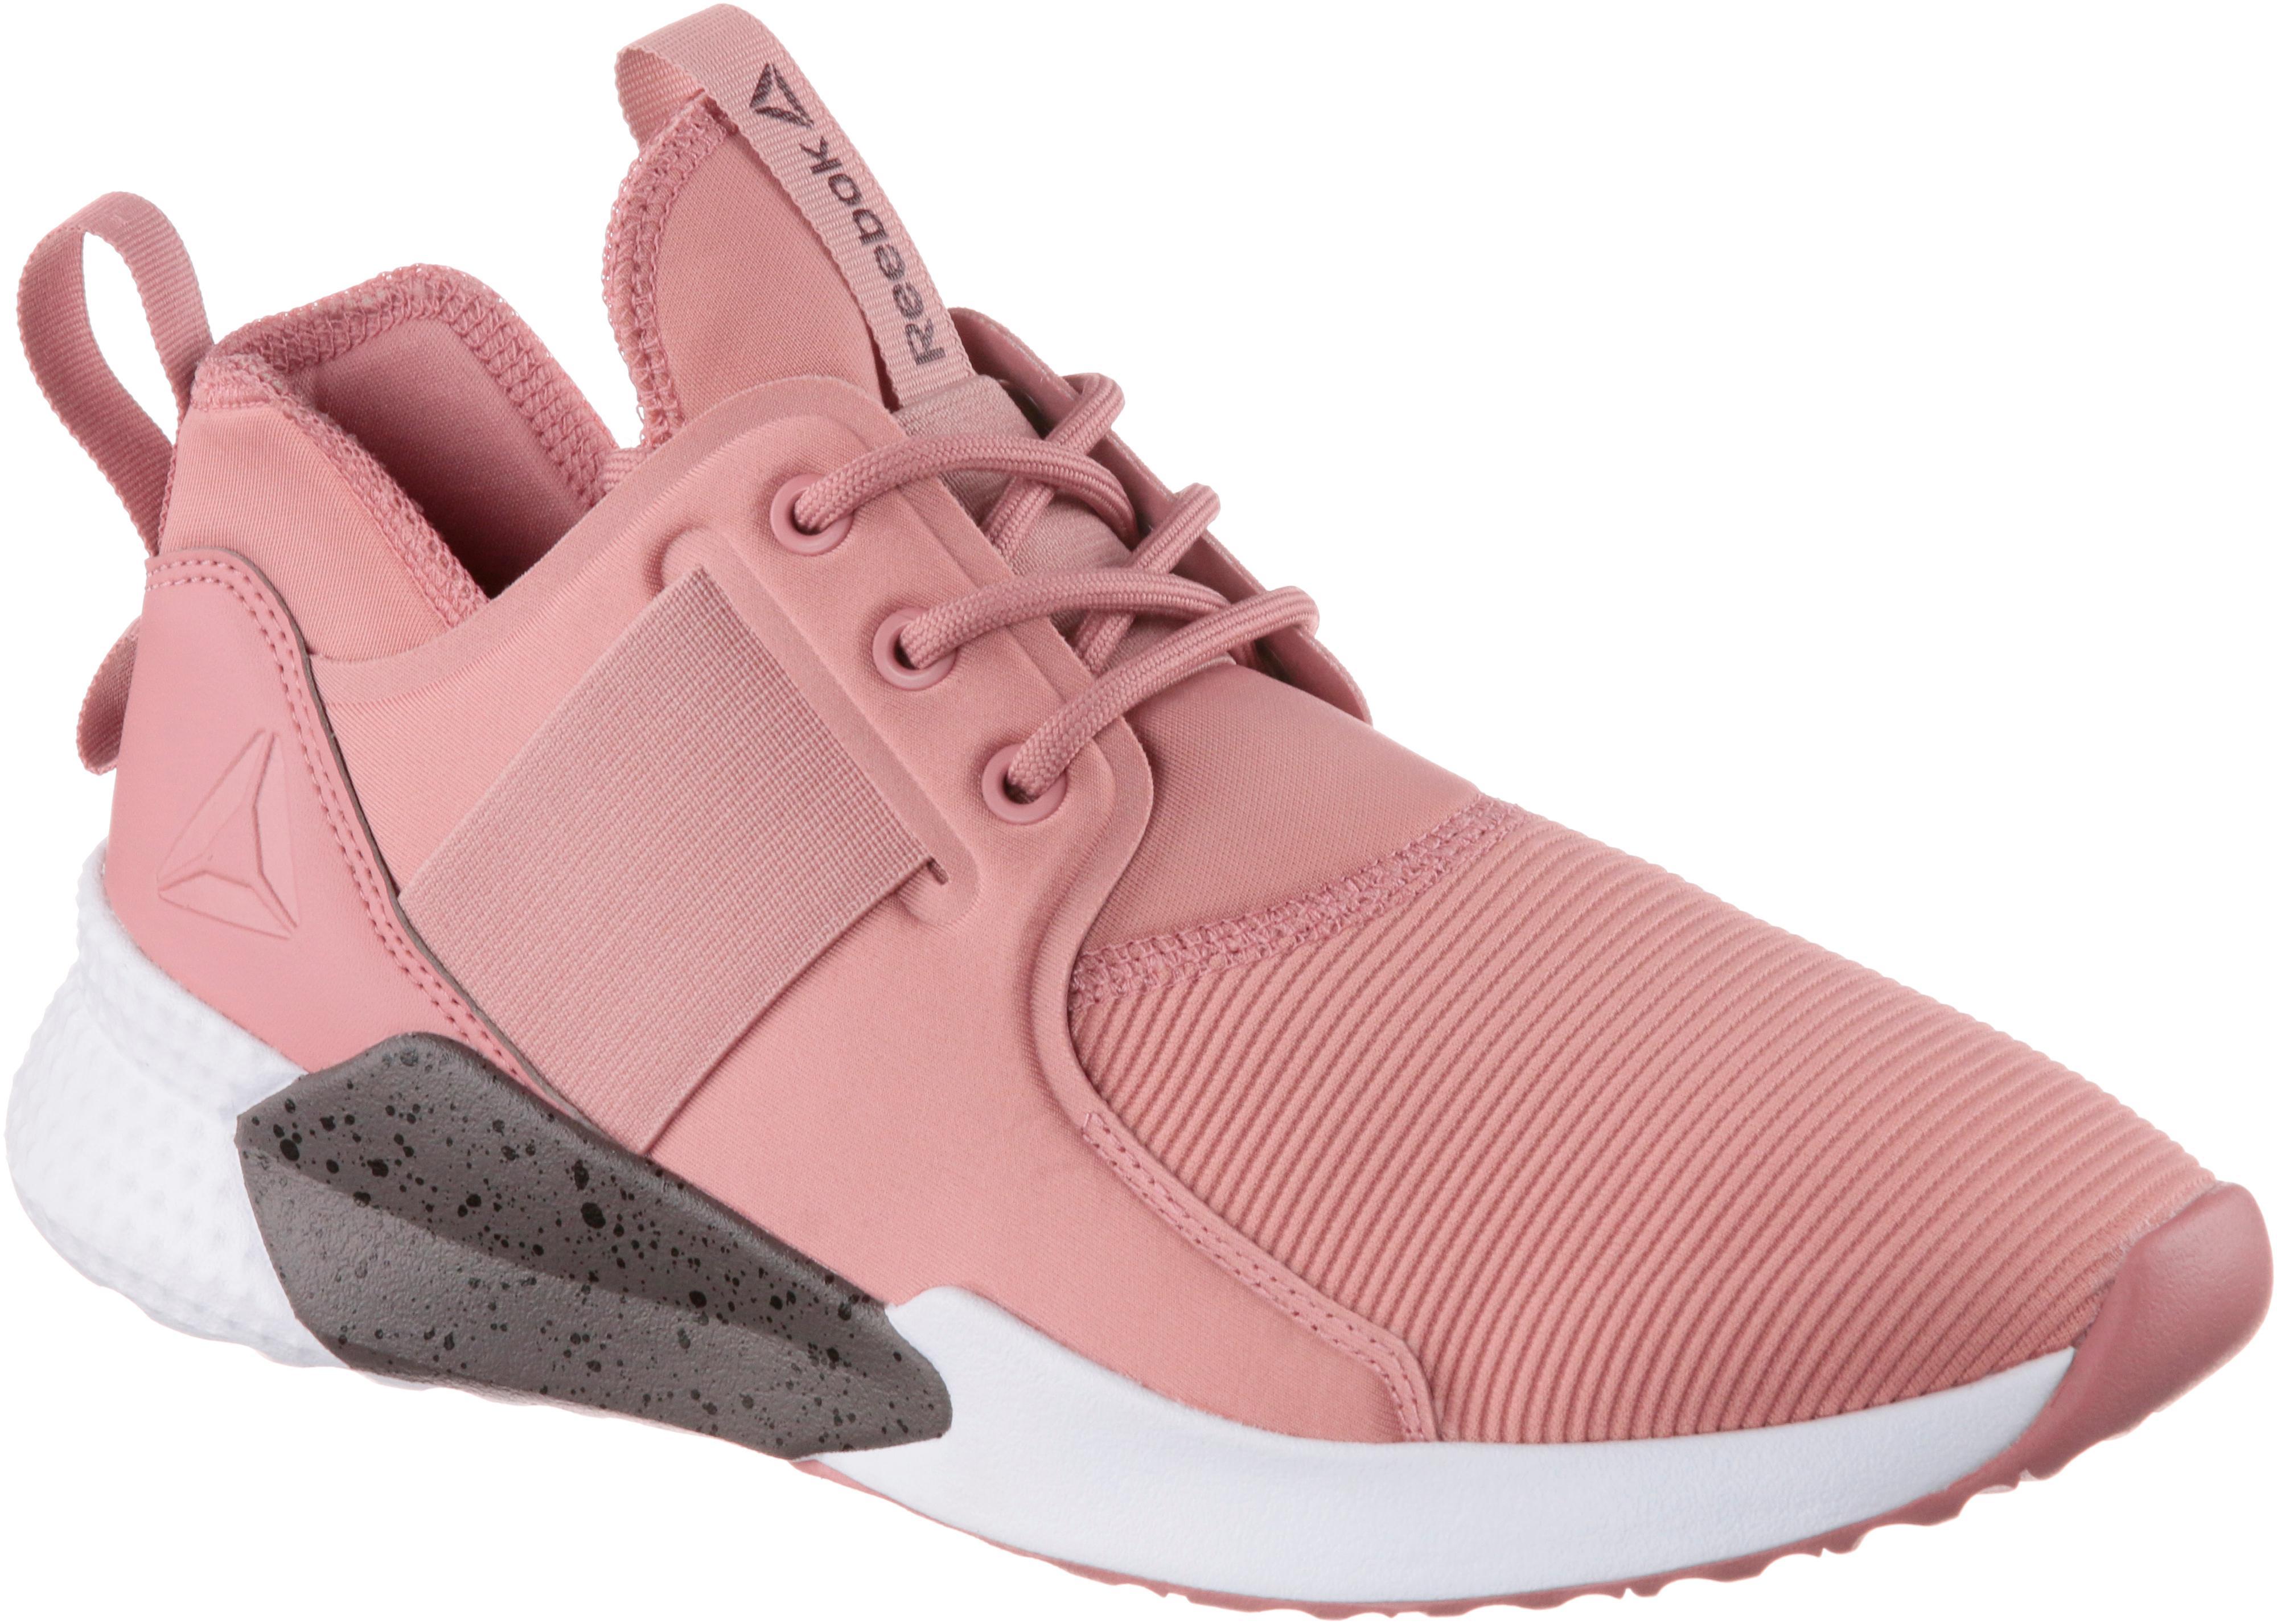 Reebok Gureso 1.0 shadow/Weiß/cob Fitnessschuhe Damen cool shadow/Weiß/cob 1.0 im Online Shop von SportScheck kaufen Gute Qualität beliebte Schuhe 59699b